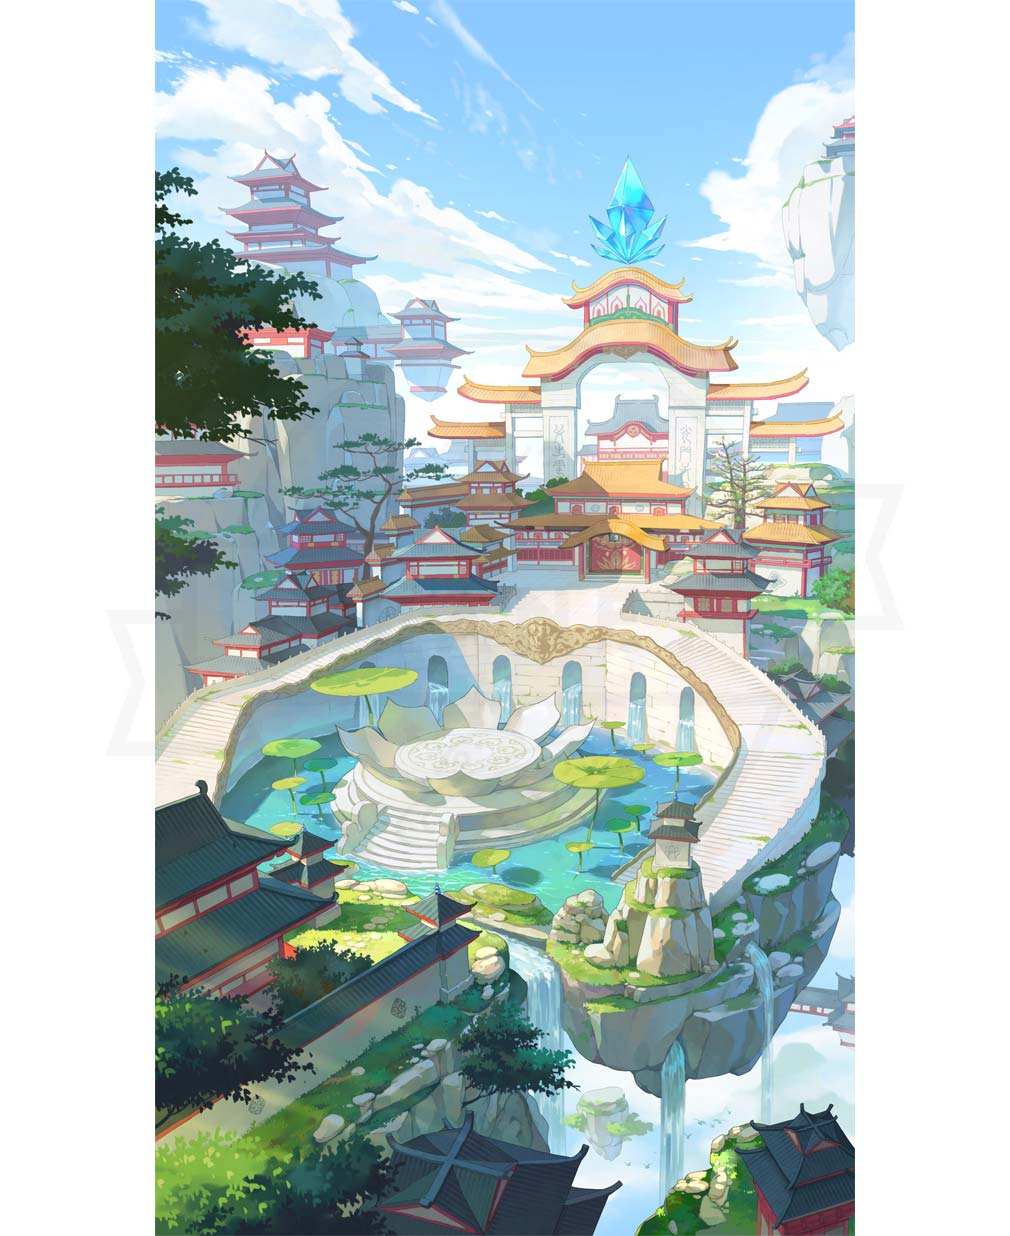 エースアーチャー 『蓬莱仙境』イラストイメージ